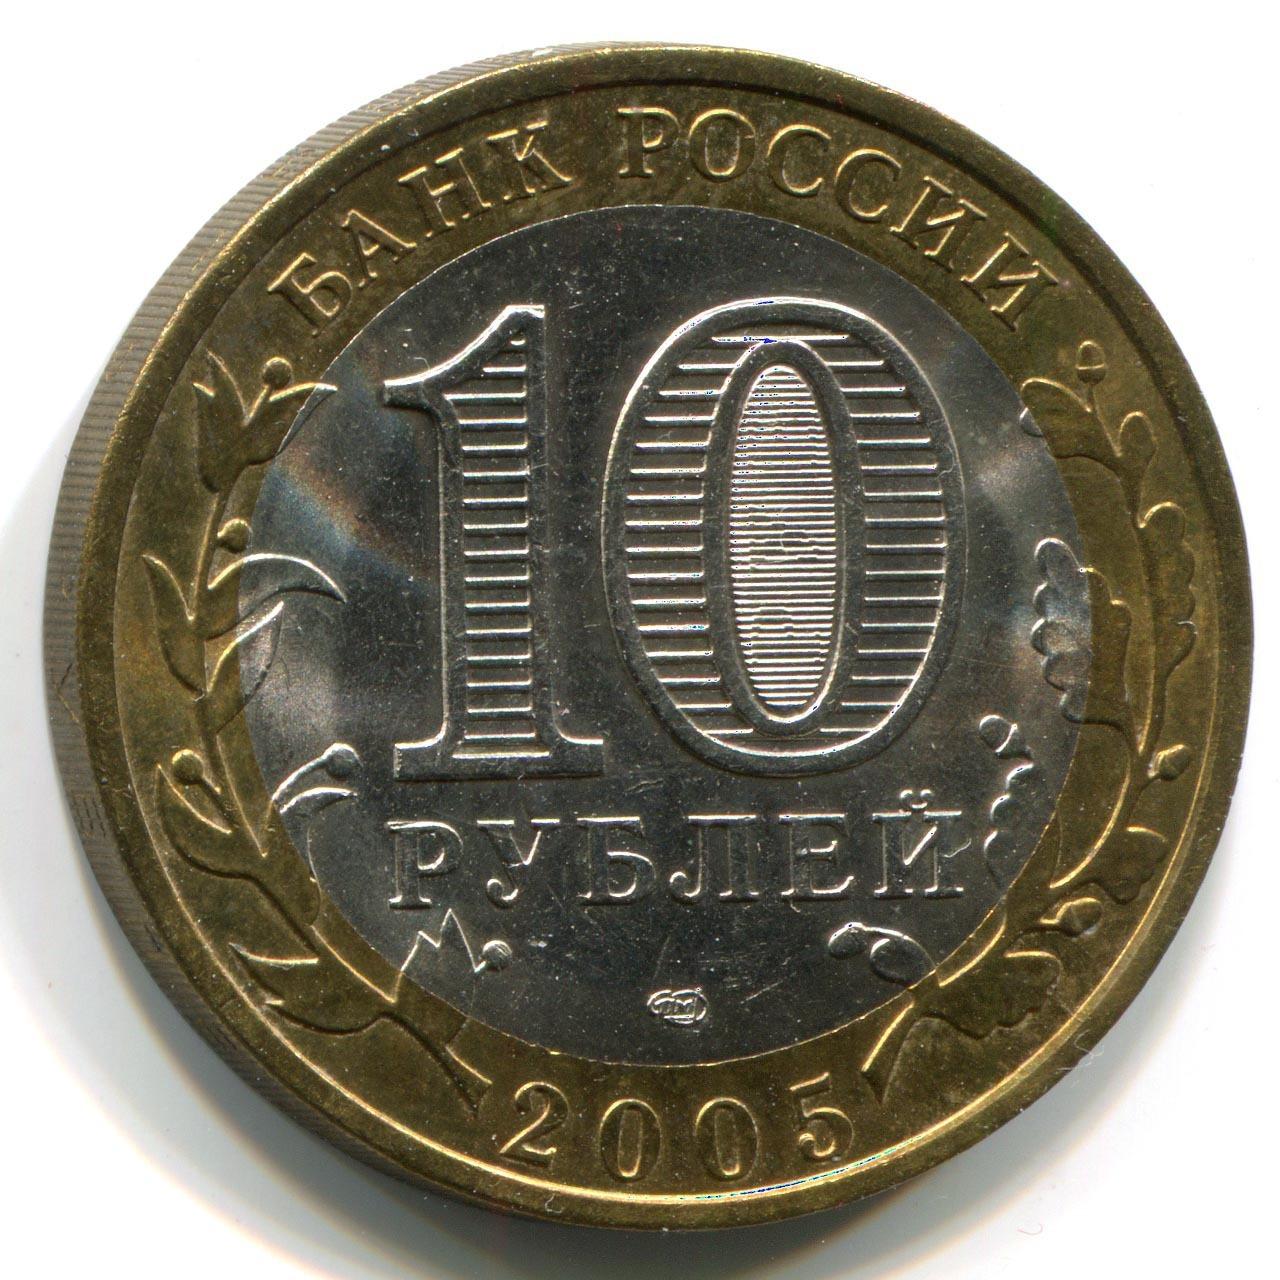 10 рублей 60 лет Победы 2005 г. СПМД UNC